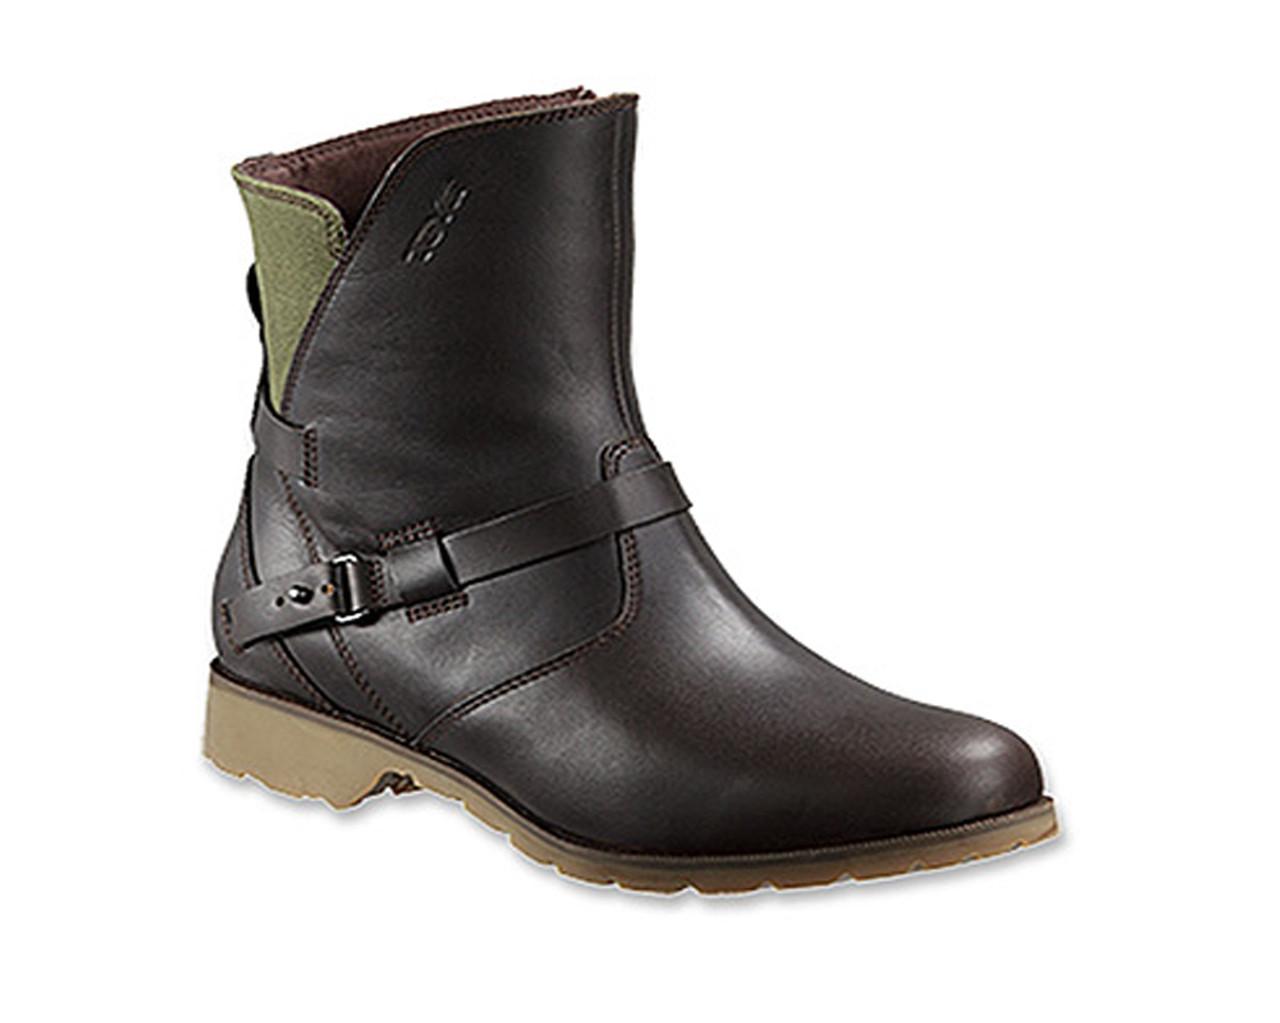 74d4a70c965fe9 Teva Women s De La Vina Low Leather Canvas Boot Brown Green - Shop now